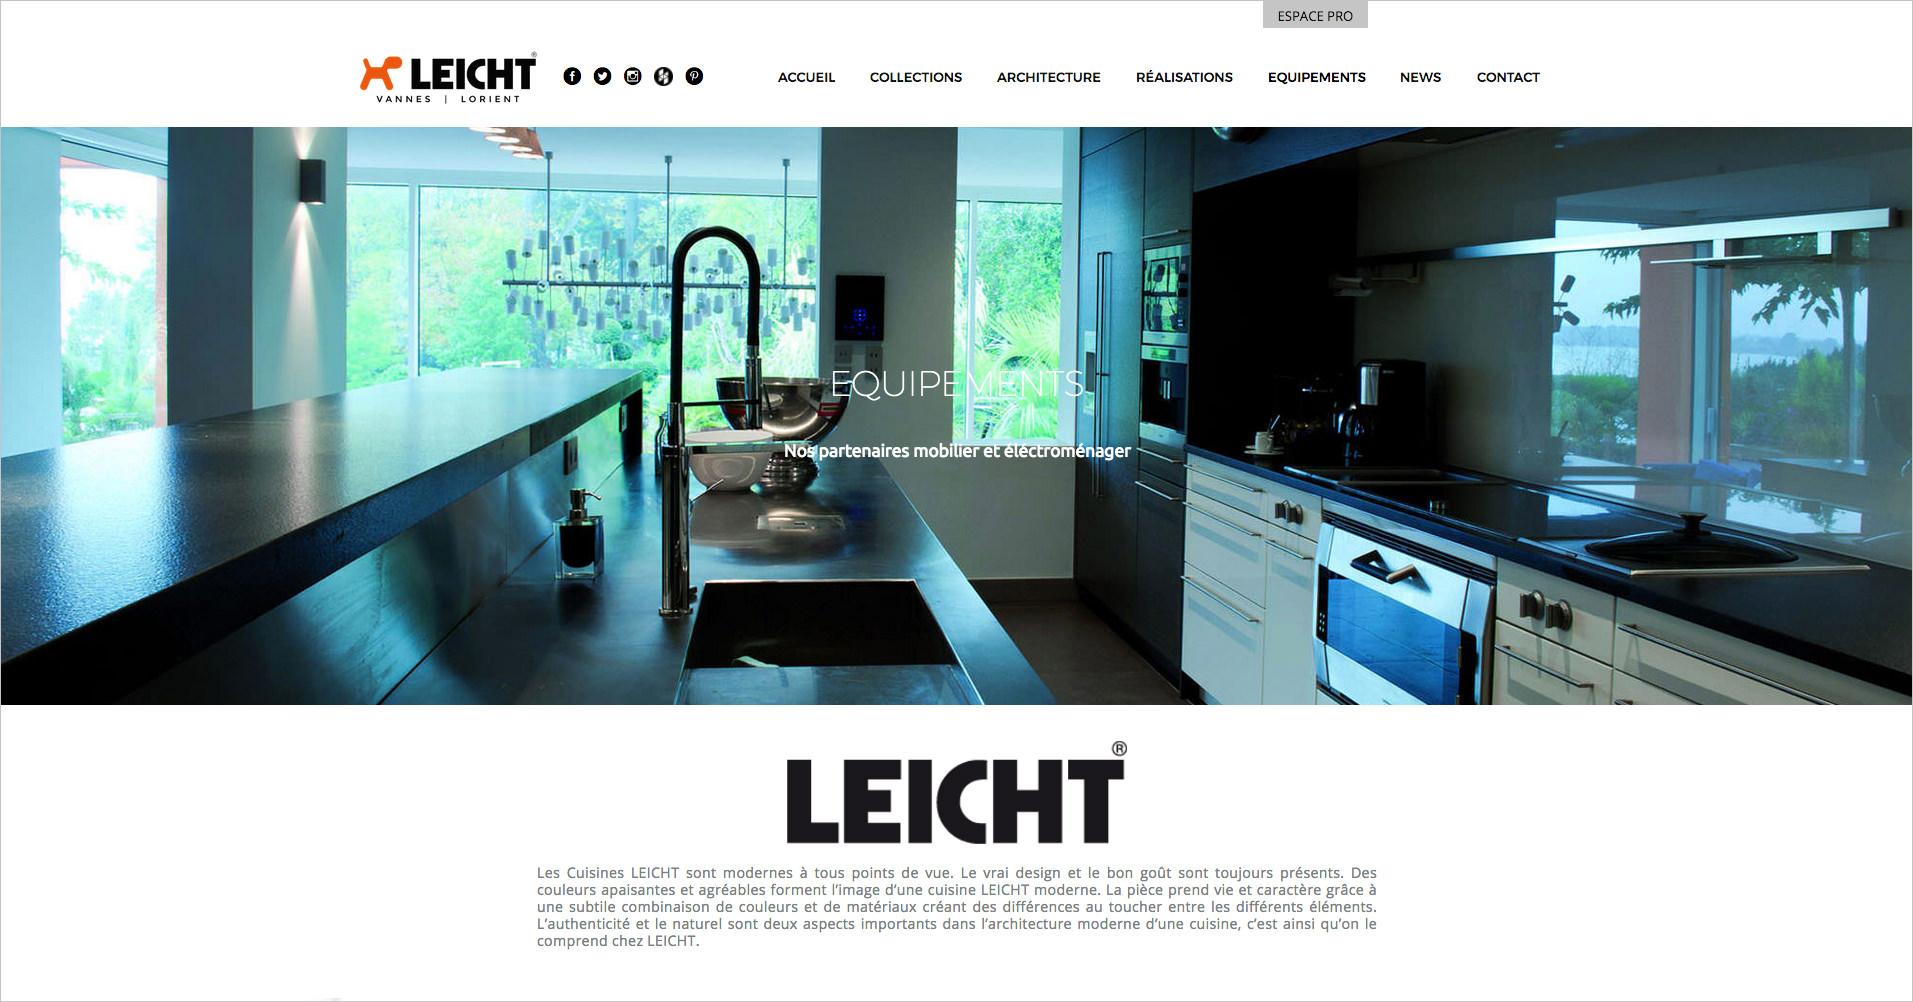 leicht-vannes-ecran-site-web-equipements